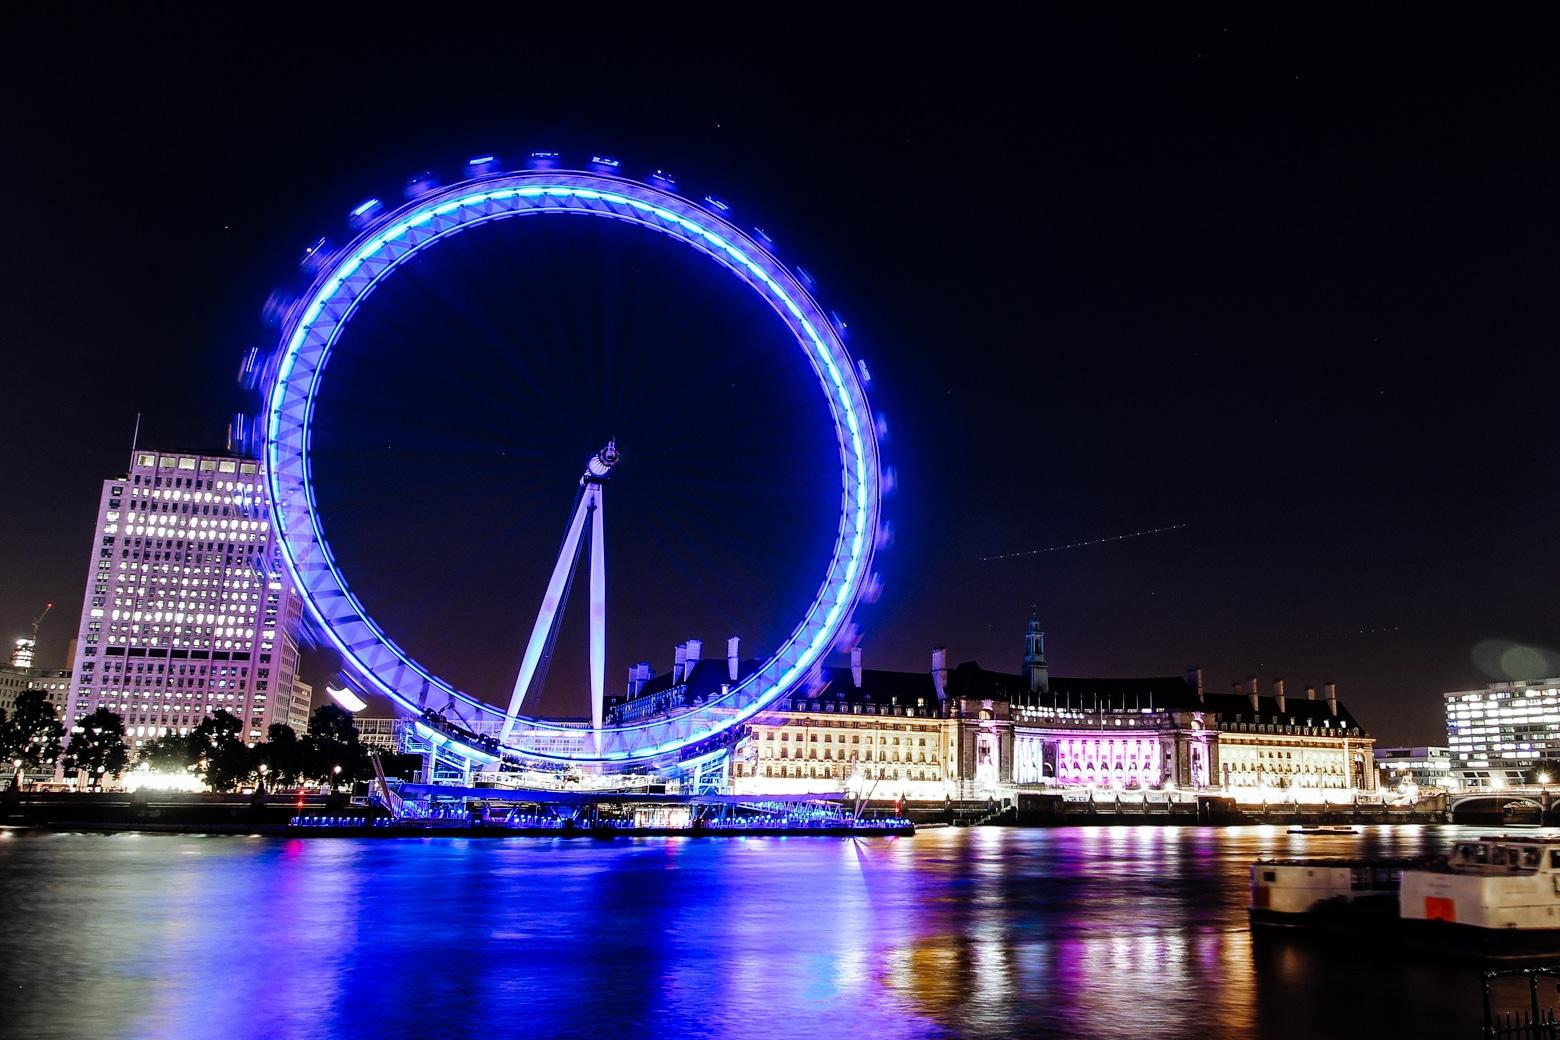 London Eye at night during winter.